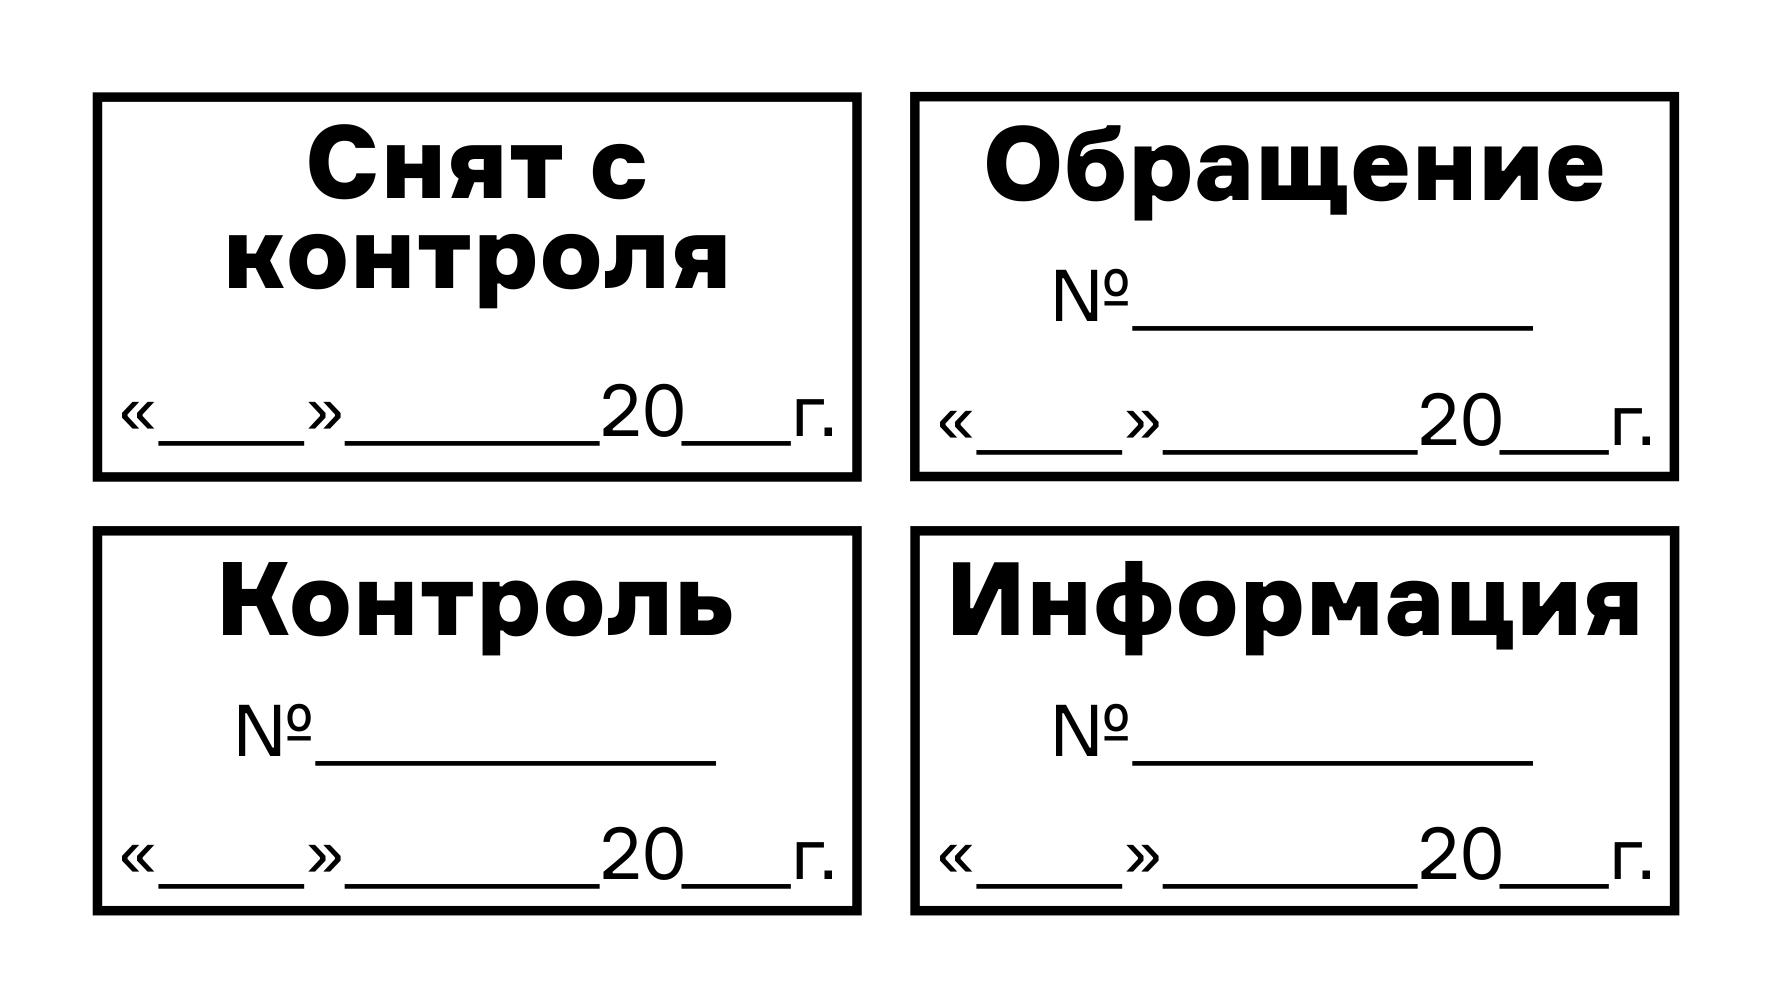 штампы изготовление смоленск